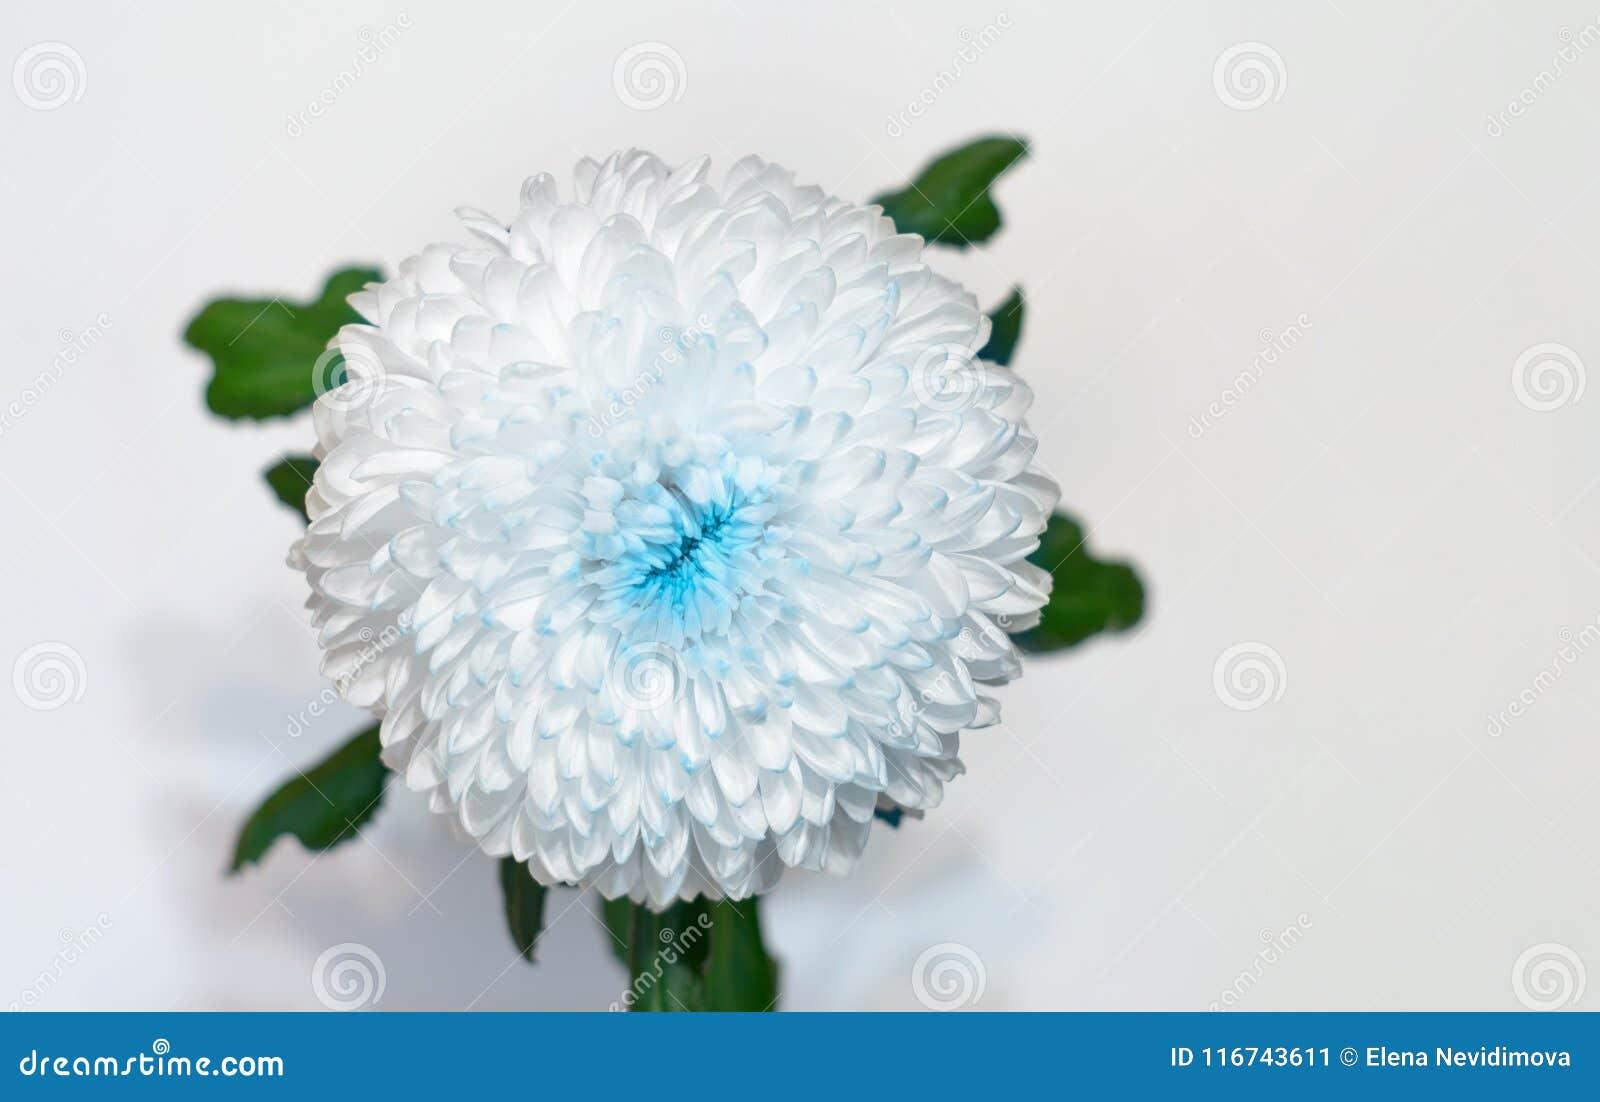 Vit-blått blommakrysantemum Trädgårds- blomma Vit isolerad bakgrund med den snabba banan closeup Inget skuggar